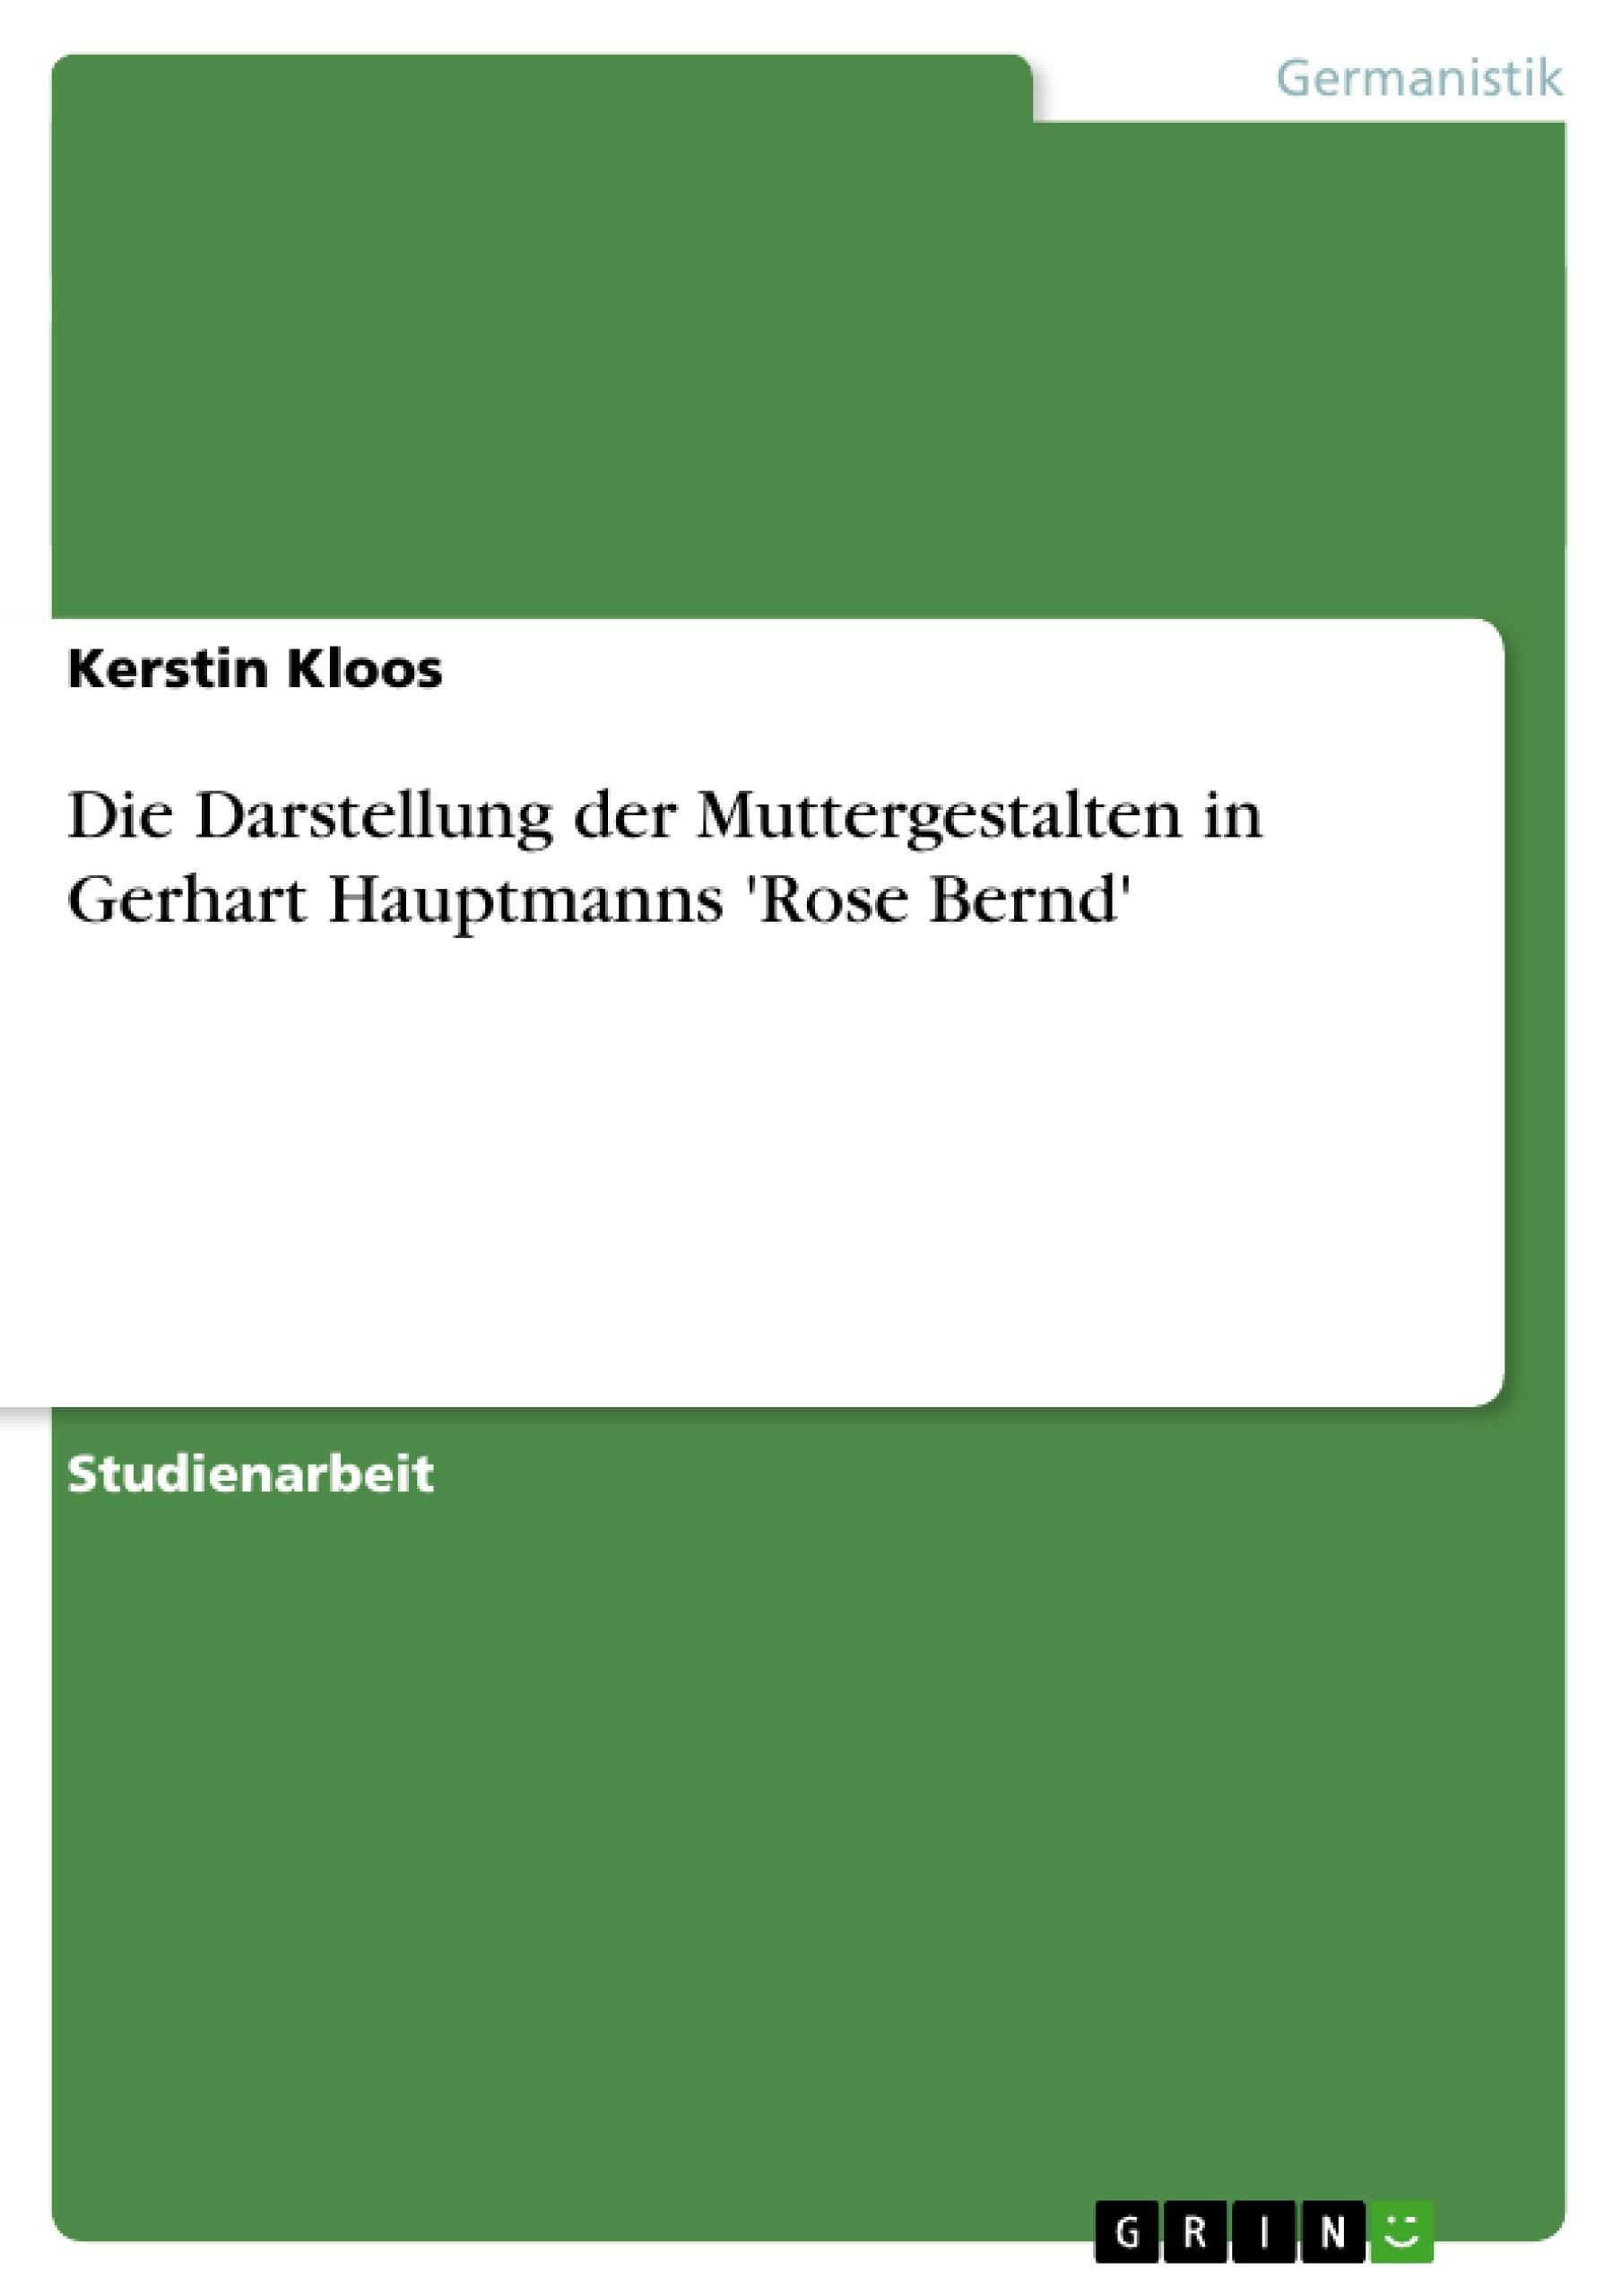 Titel: Die Darstellung der Muttergestalten in Gerhart Hauptmanns 'Rose Bernd'